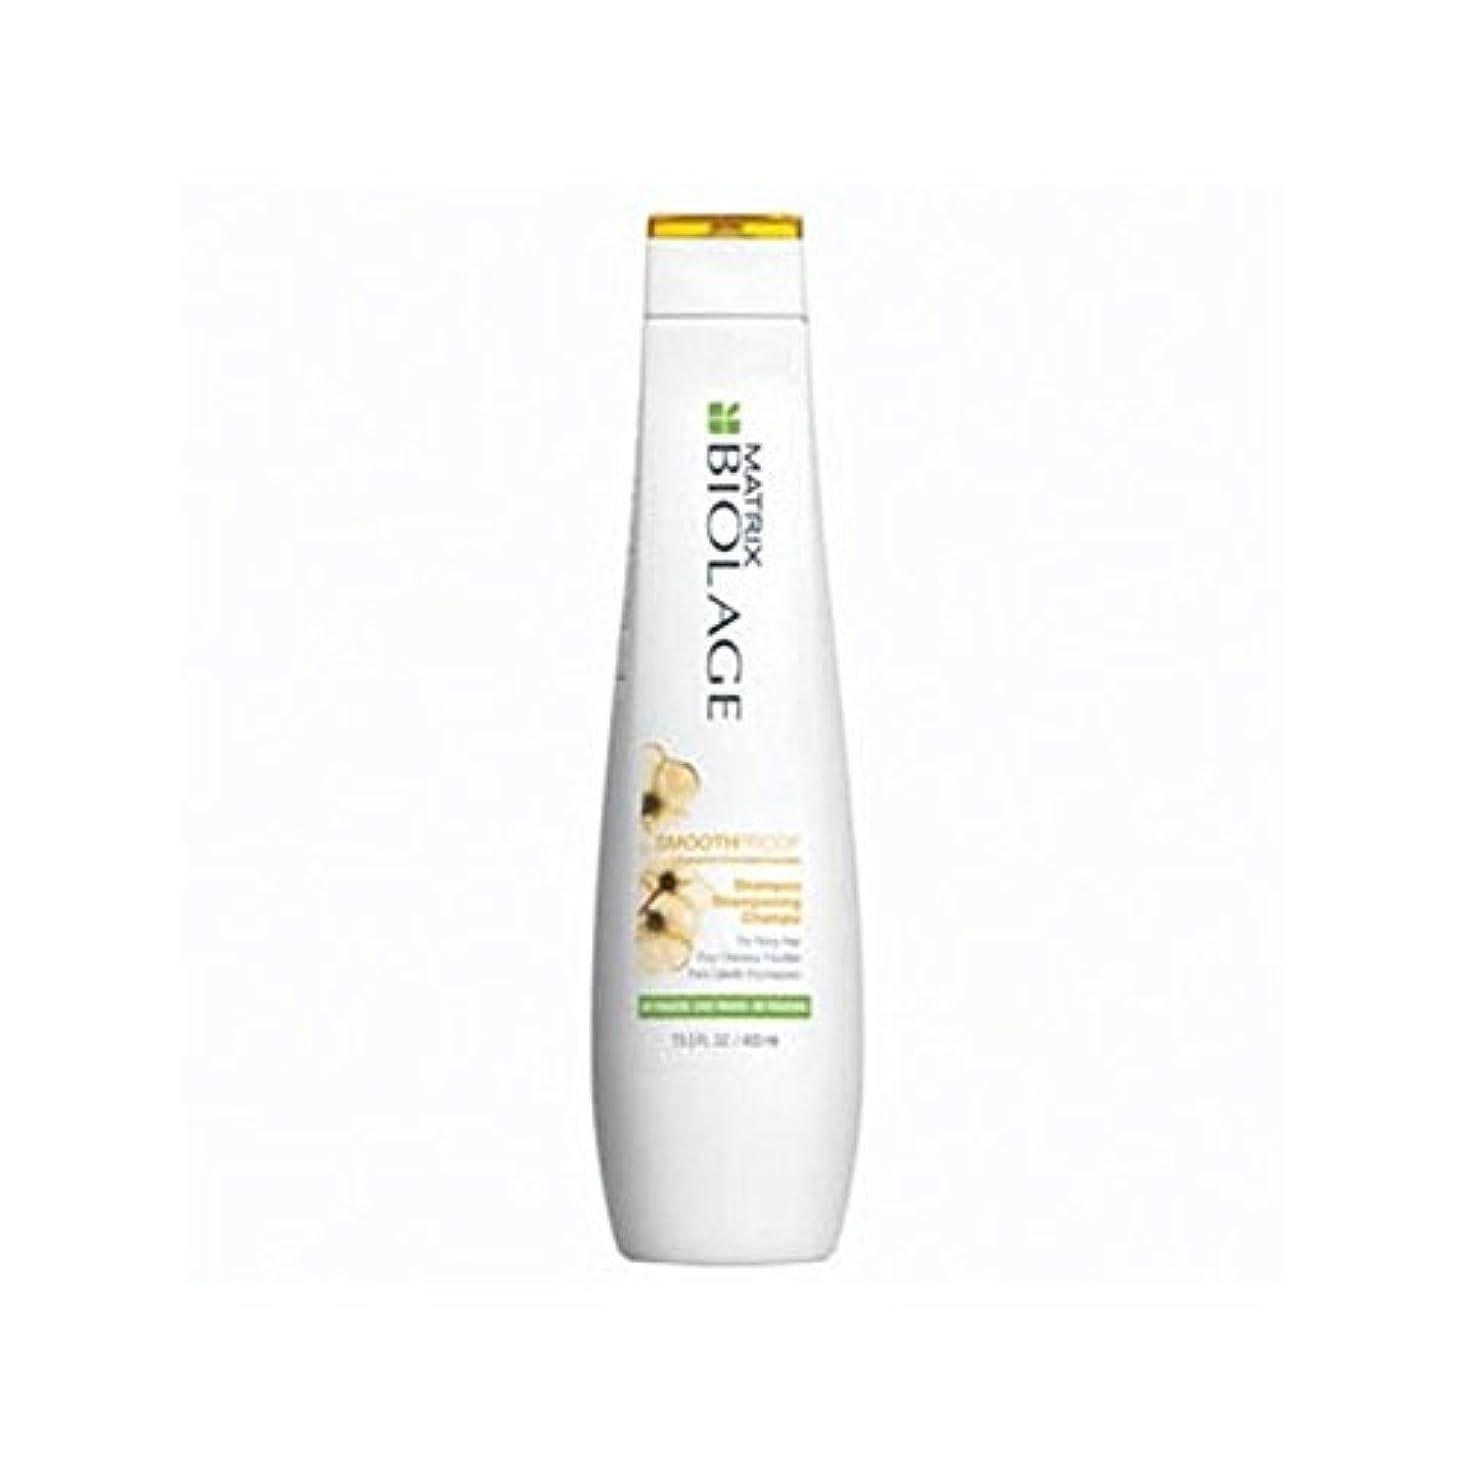 農夫無声でテクニカルマトリックスバイオレイジのシャンプー(400ミリリットル) x4 - Matrix Biolage Smoothproof Shampoo (400ml) (Pack of 4) [並行輸入品]